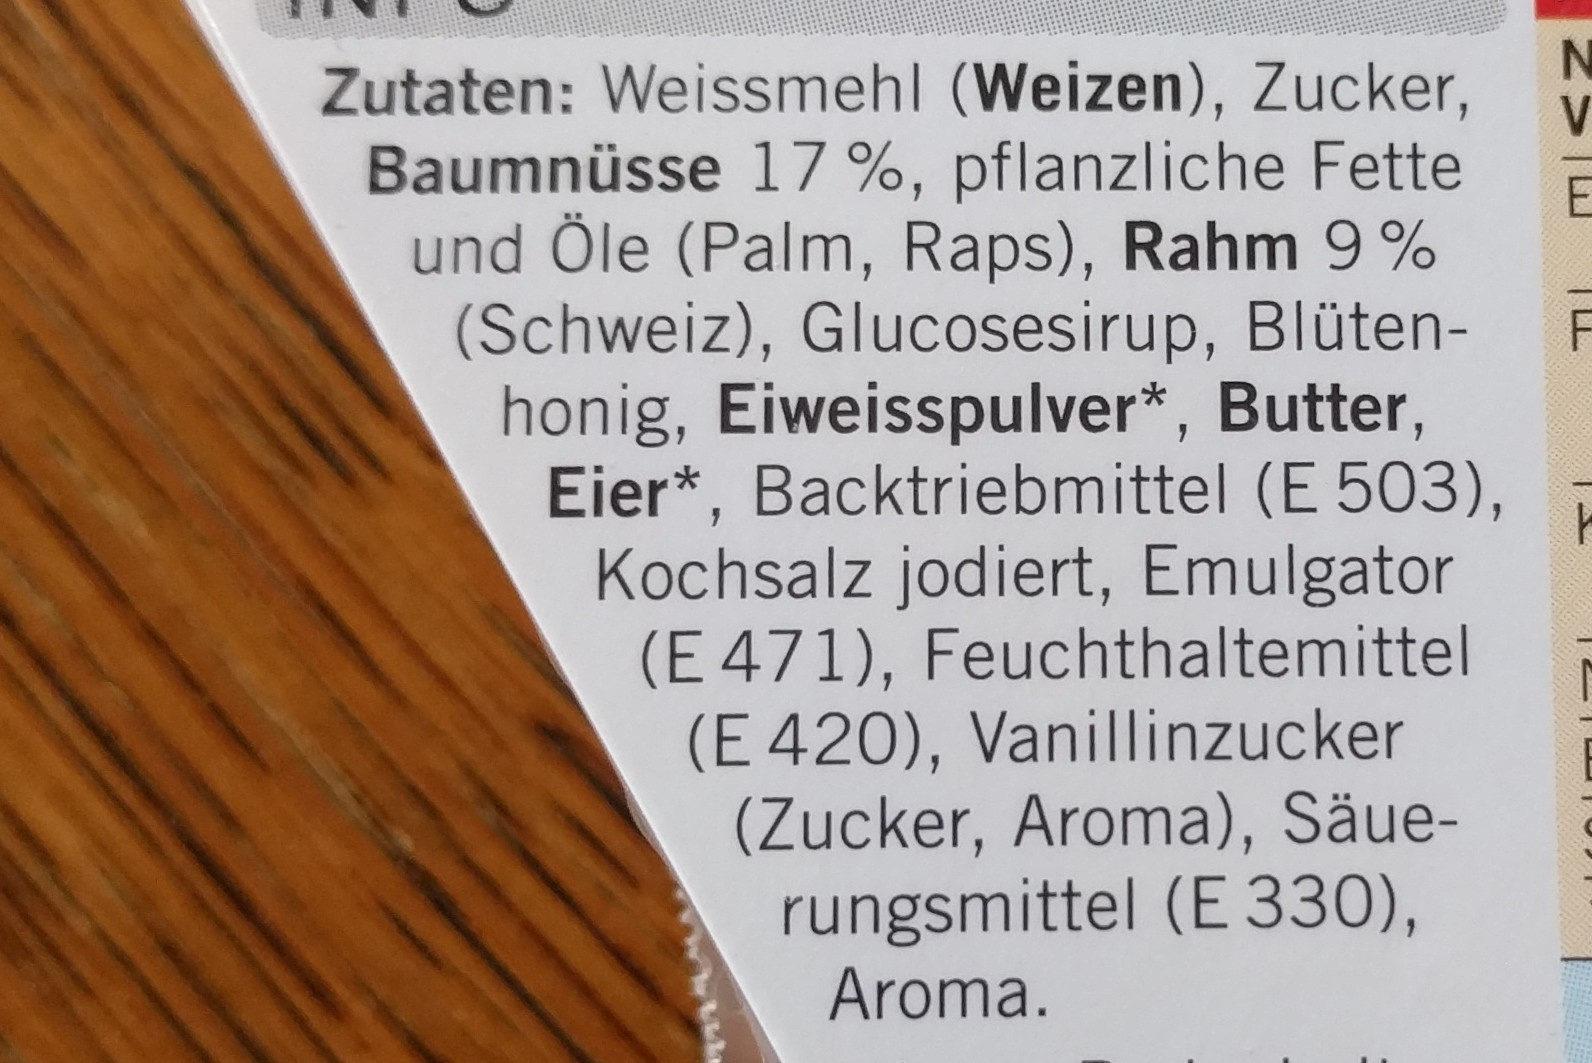 Coop Bündner Nusstorte - Ingredients